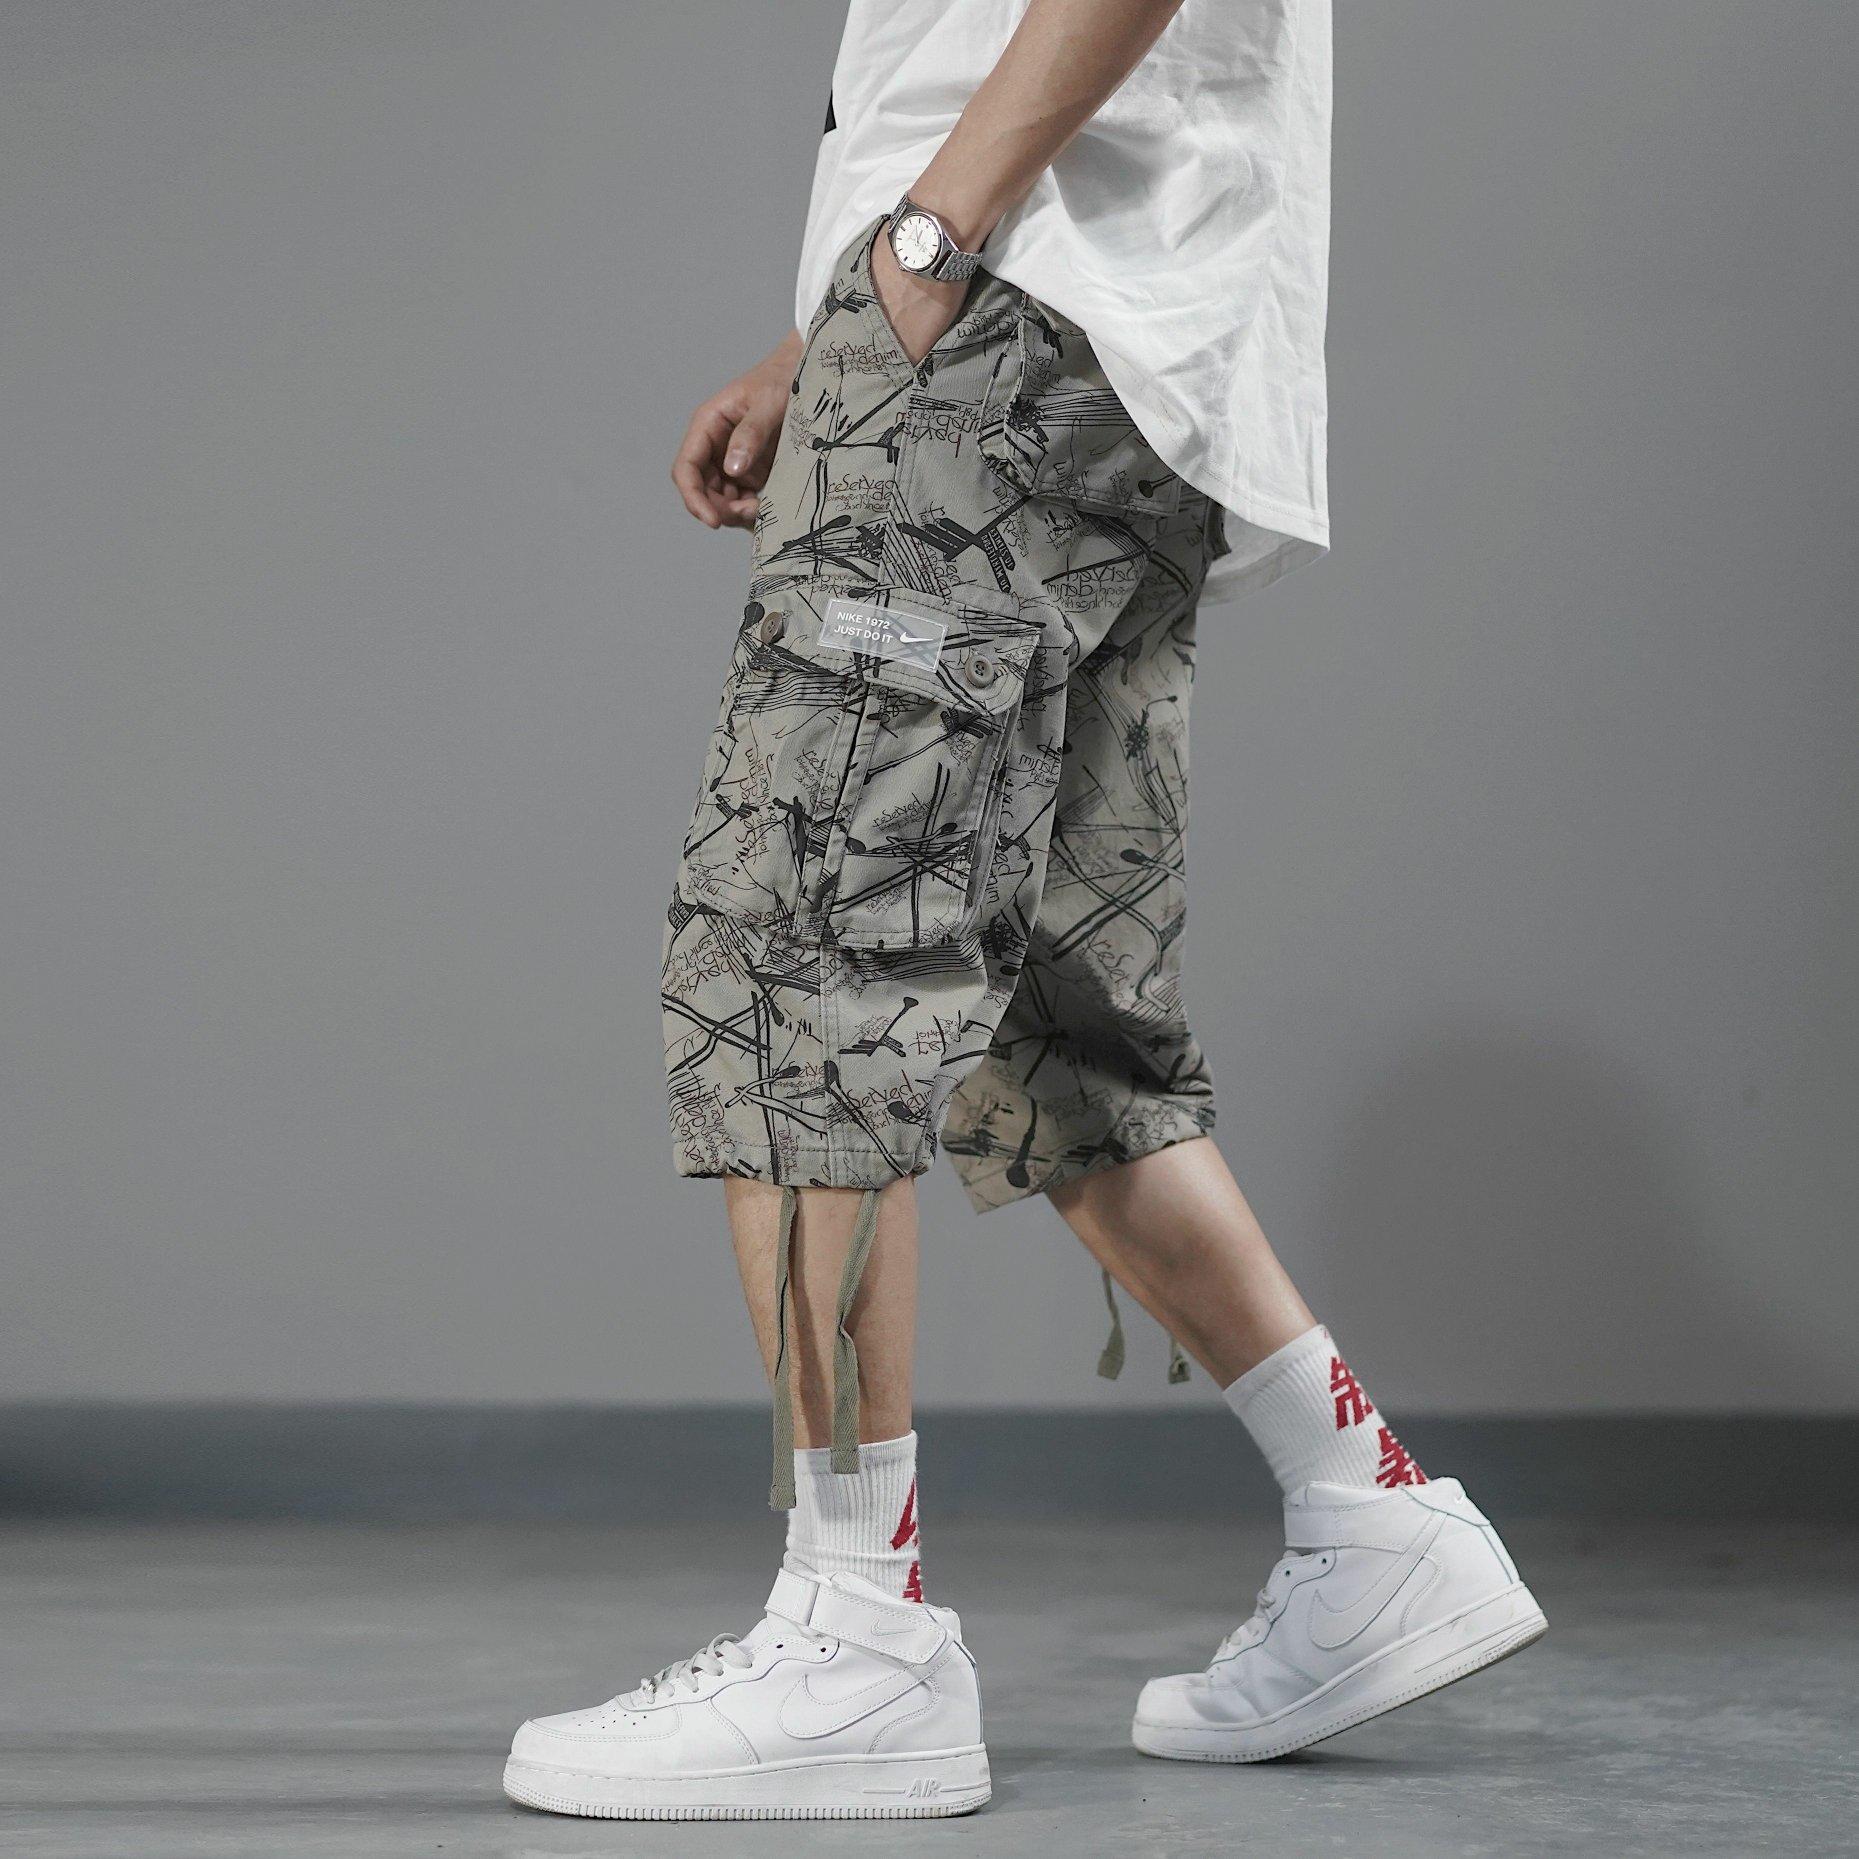 苏E💰60军绿色 高品质工装裤NIKE耐克工装裤满印短裤夏季运动休闲